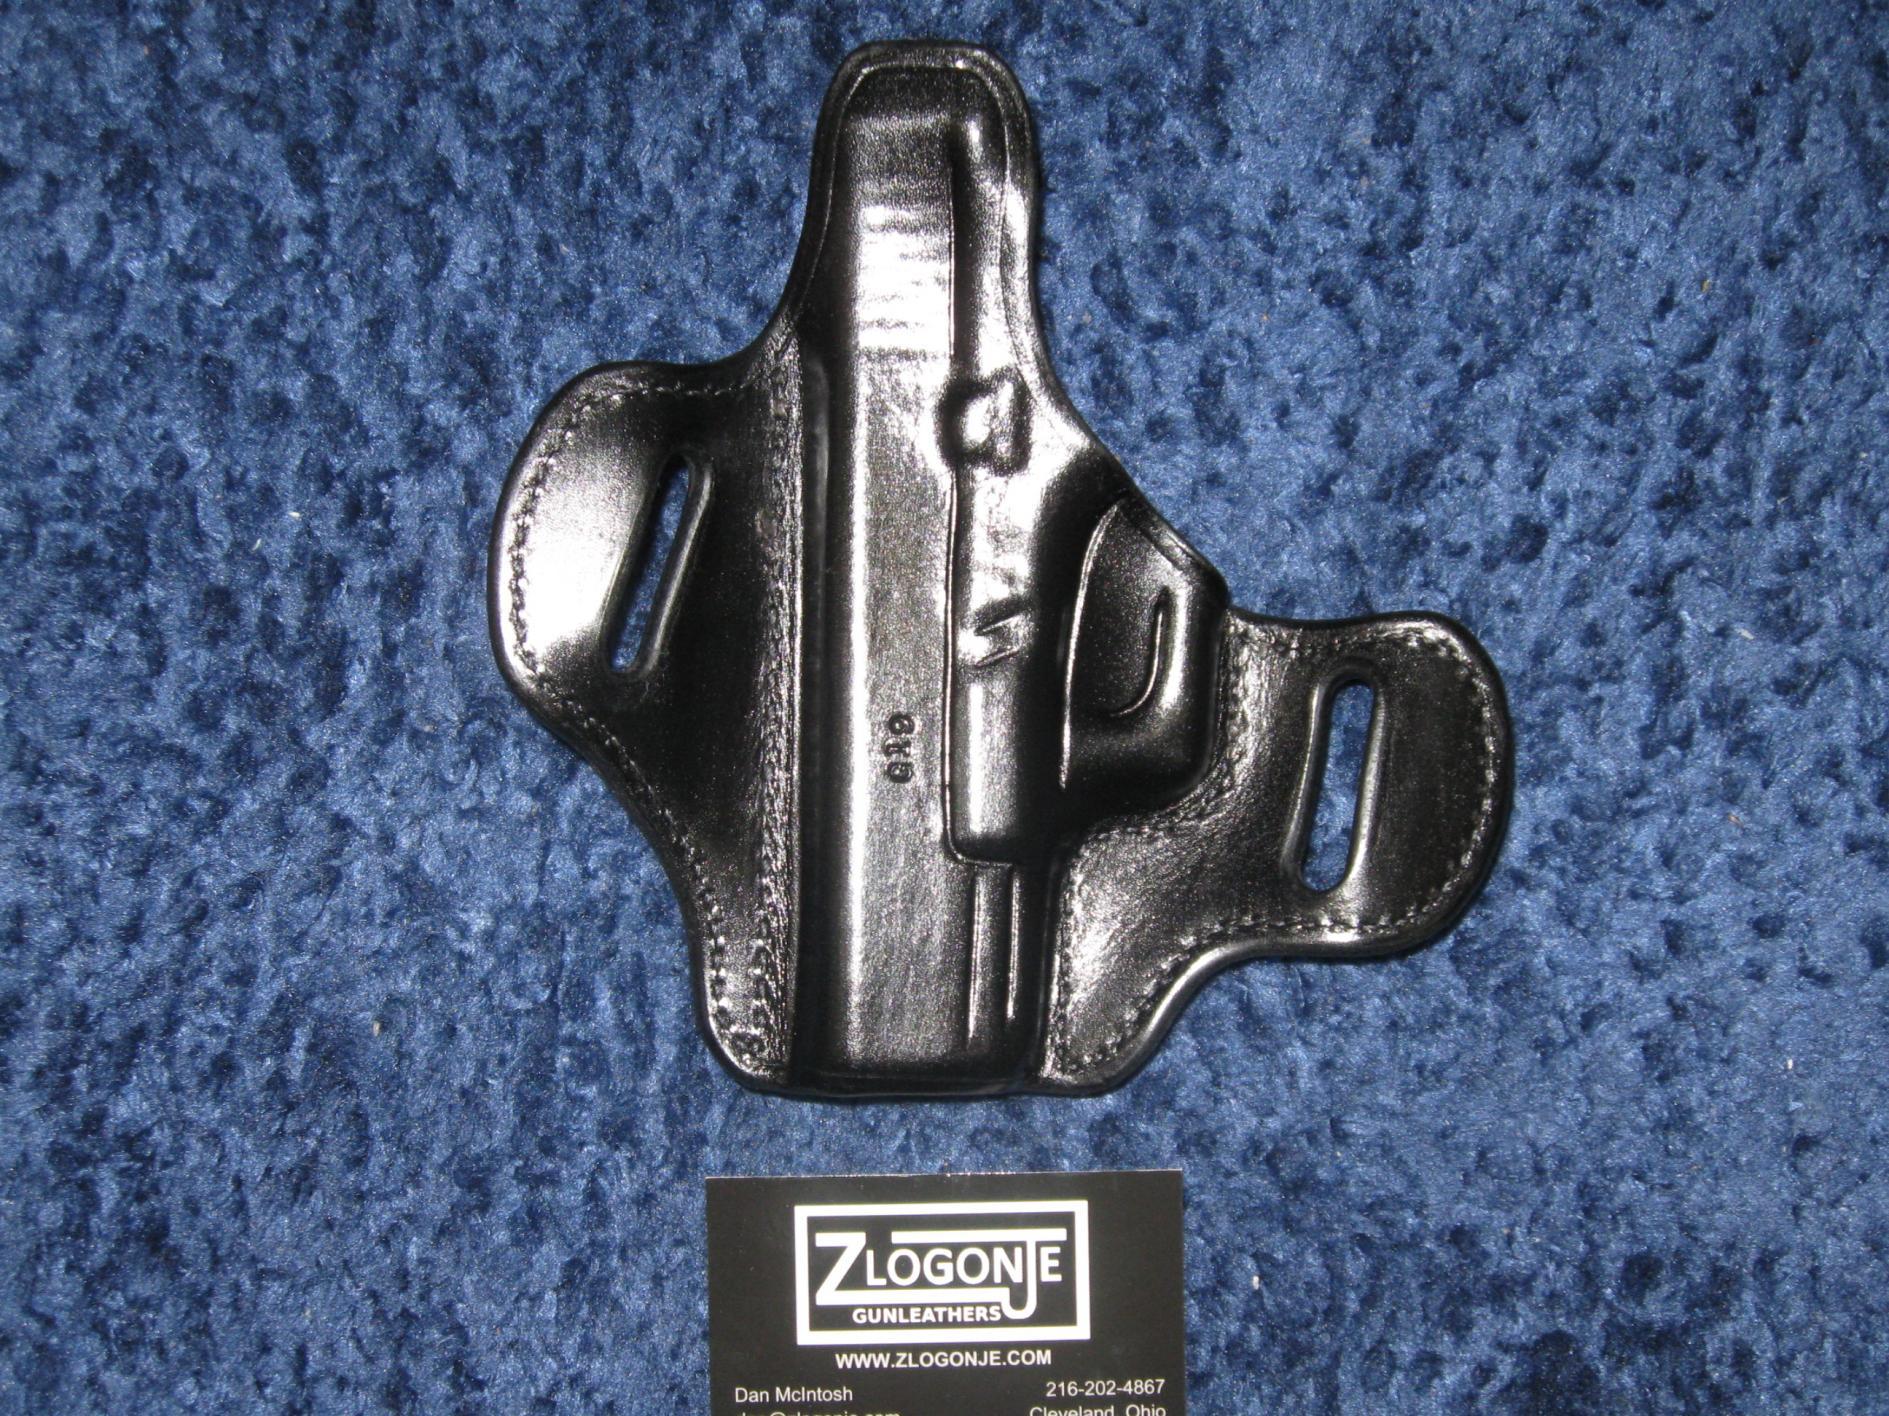 New holster for my G19-img_0639.jpg